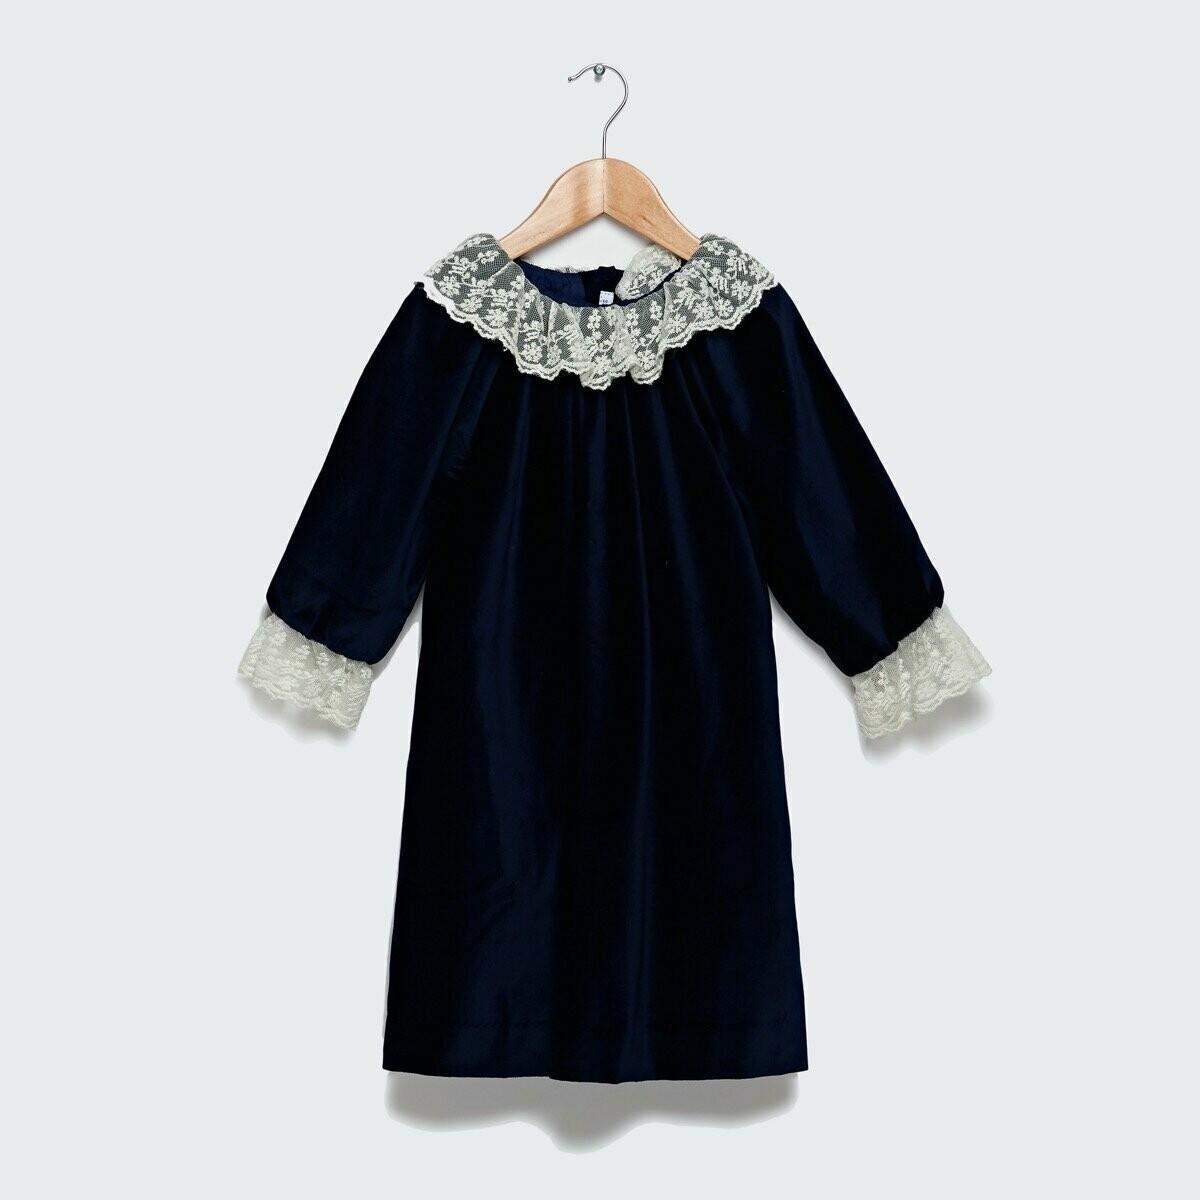 Weldon Dress - Navy Blue Velvet